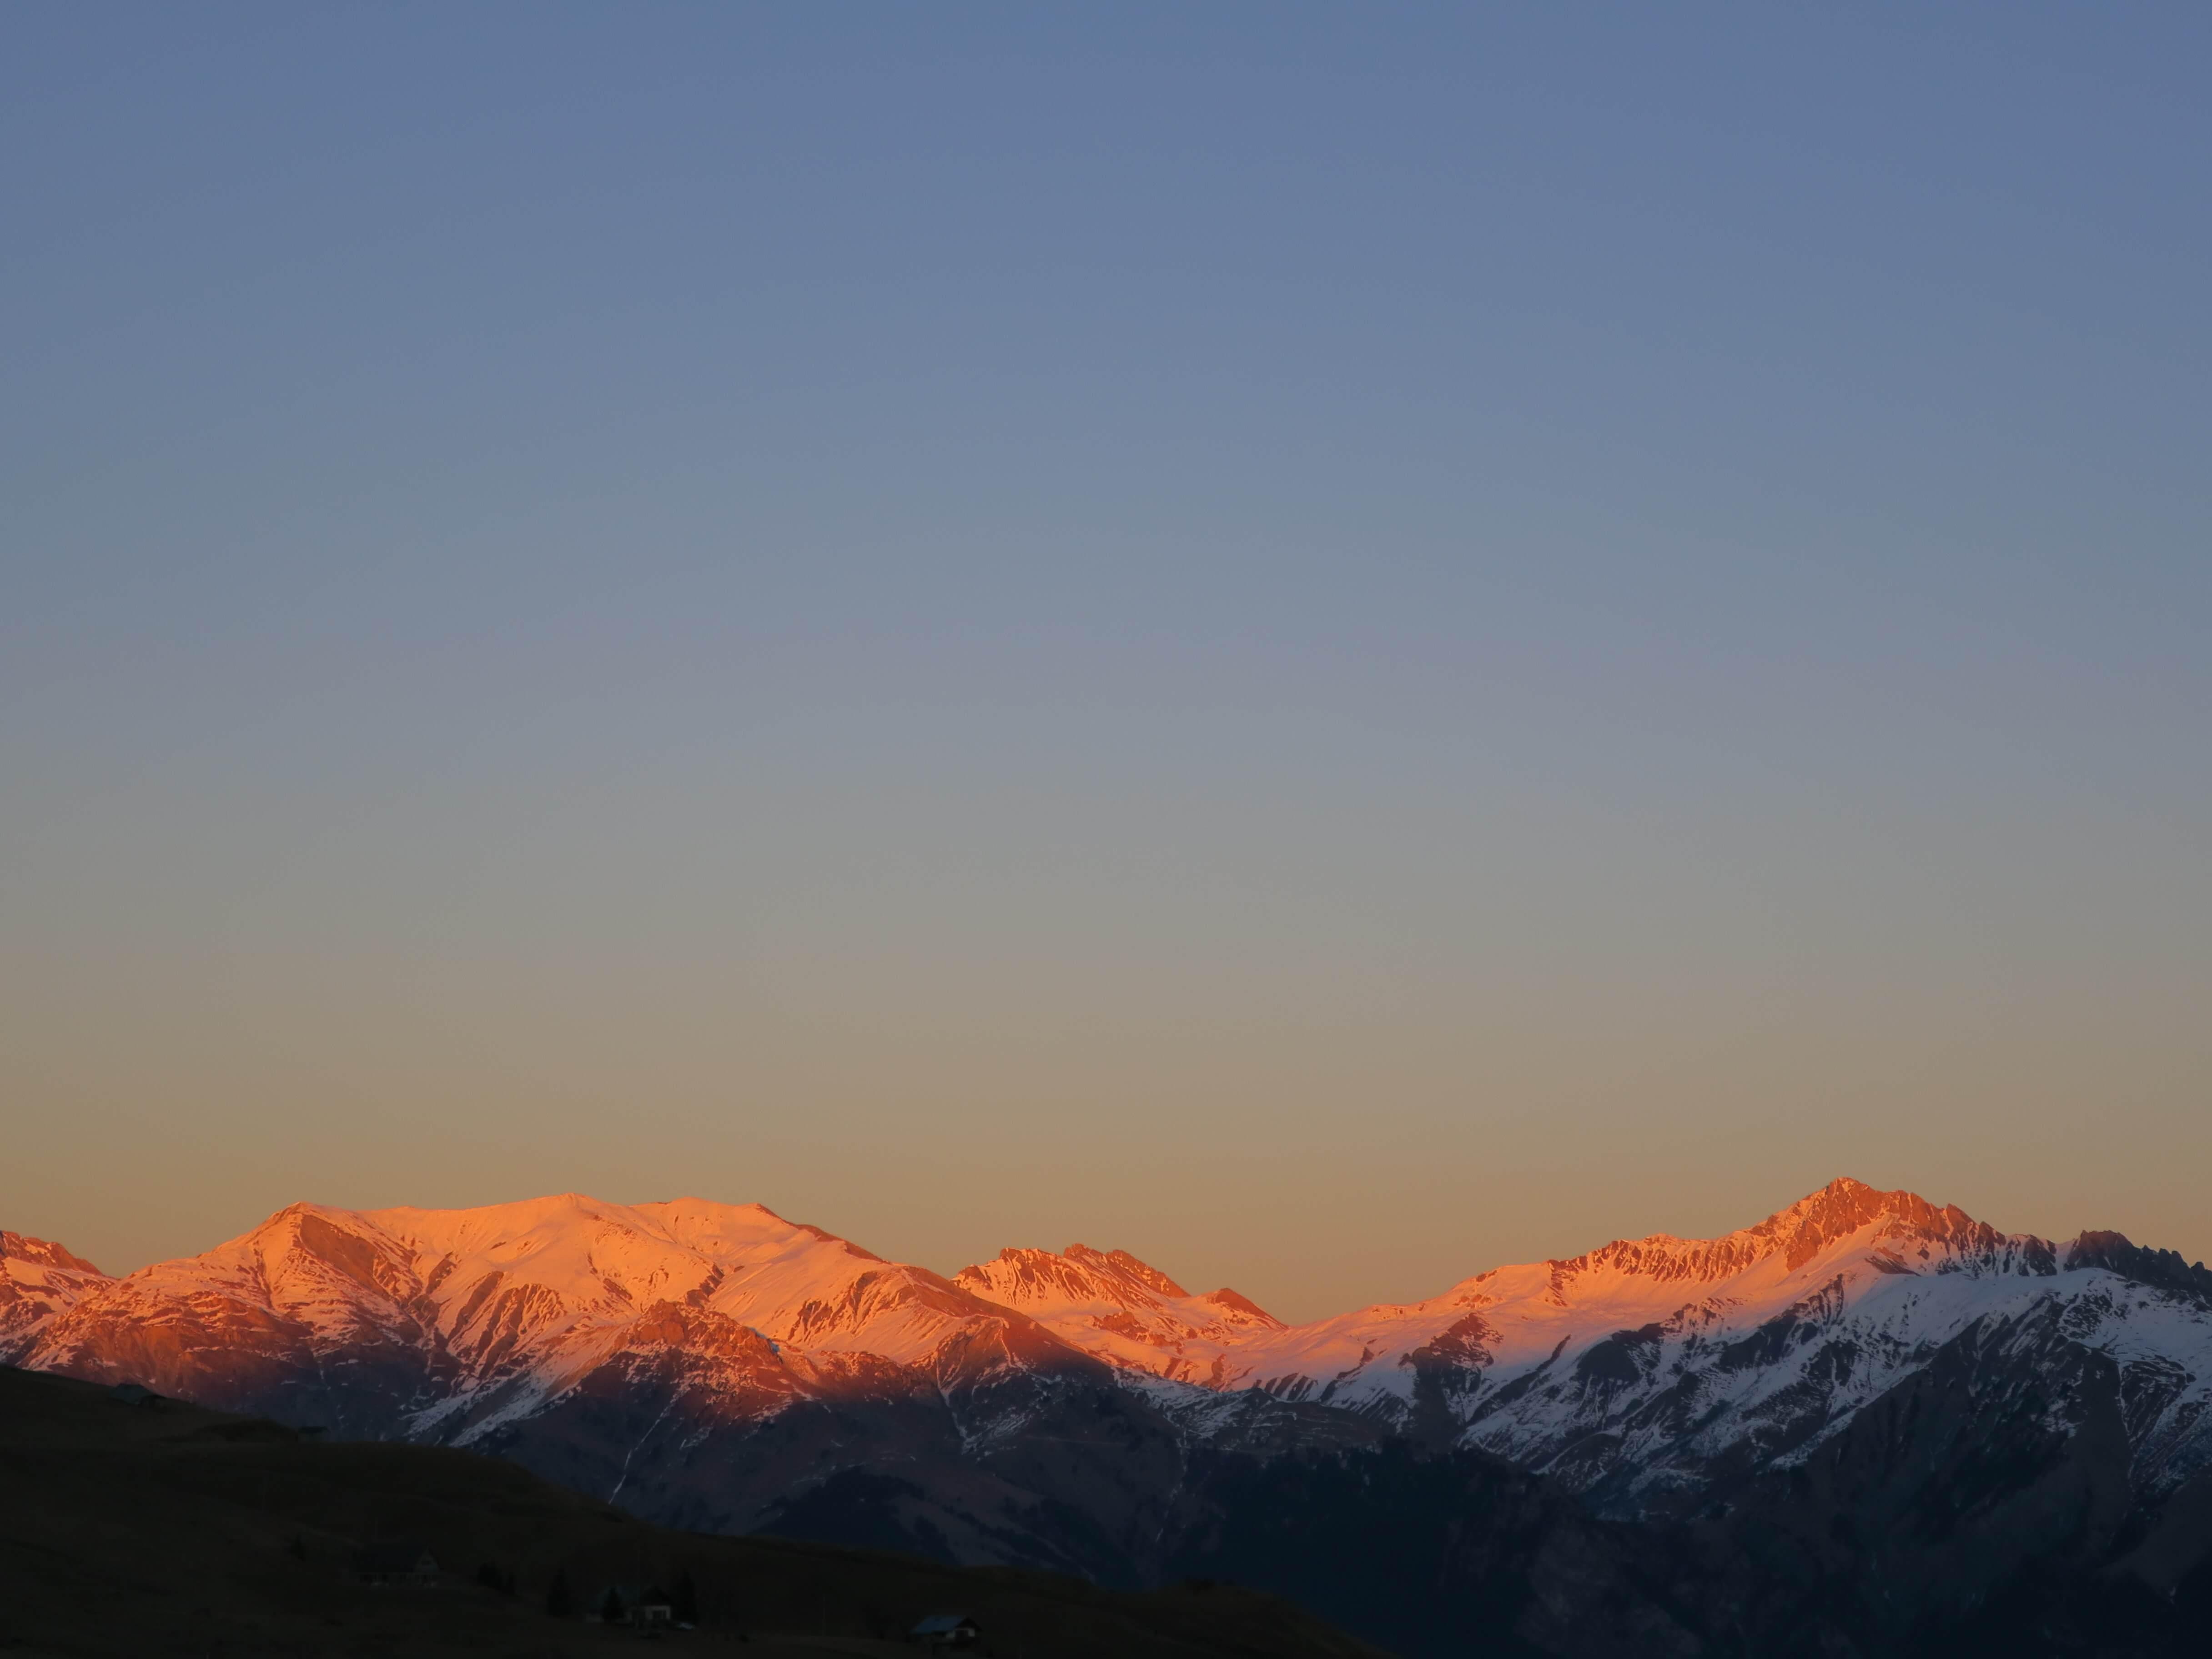 voyage montagne la toussuire